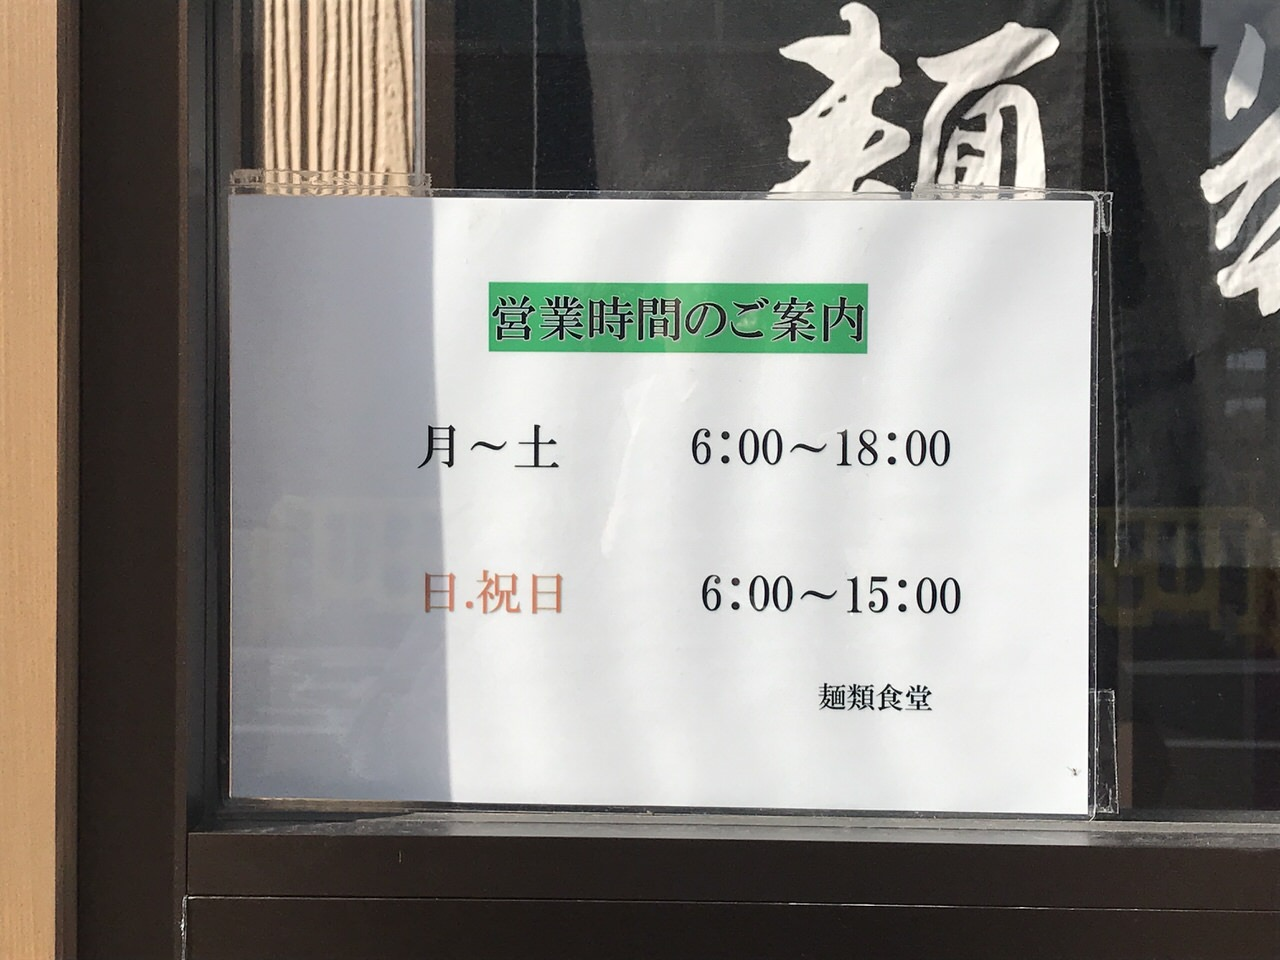 麺類食堂 営業時間